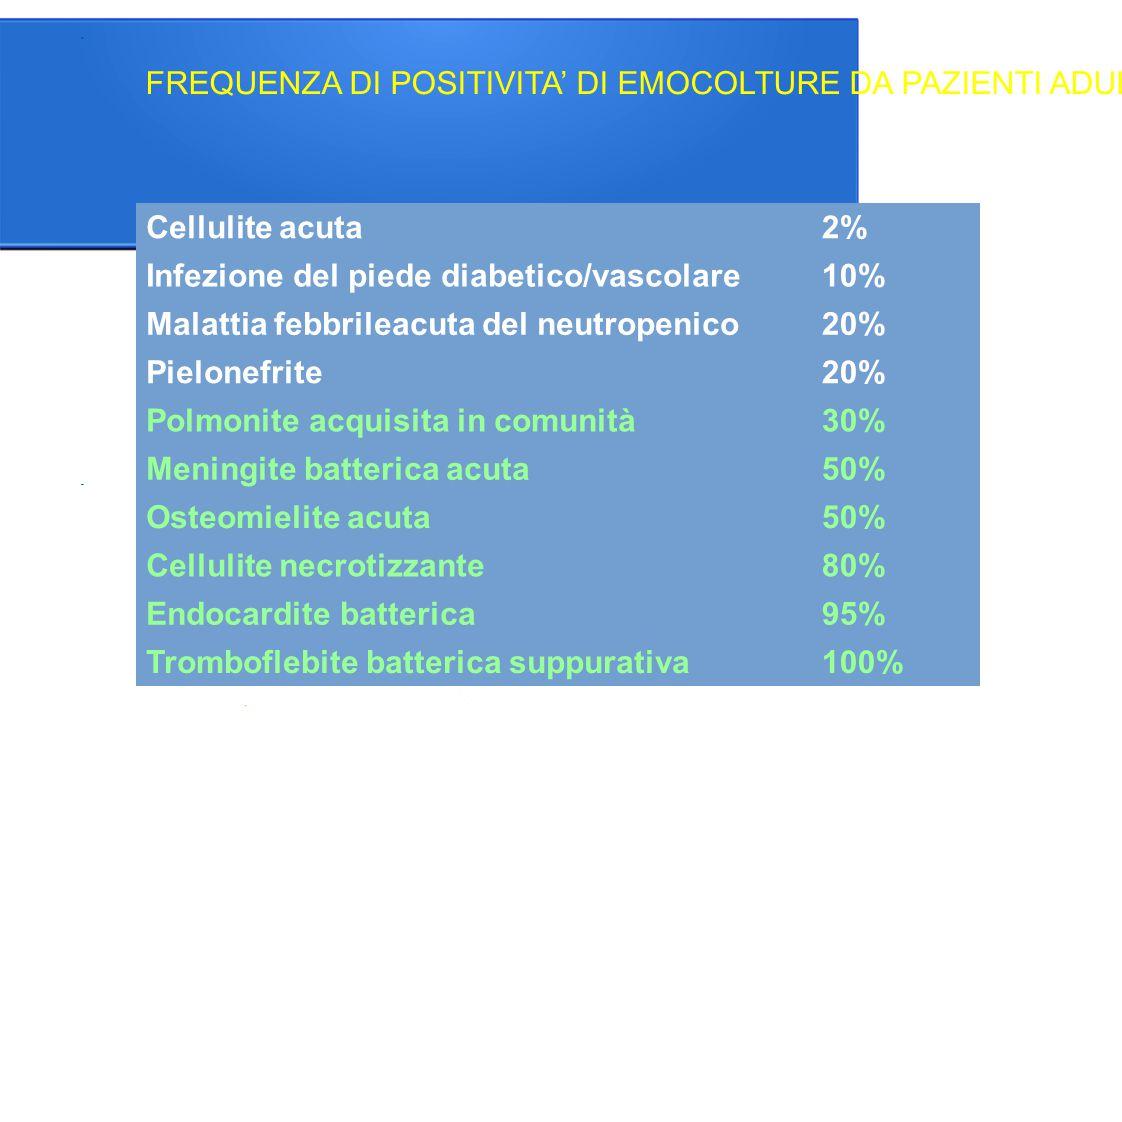 Infezione del piede diabetico/vascolare 10%